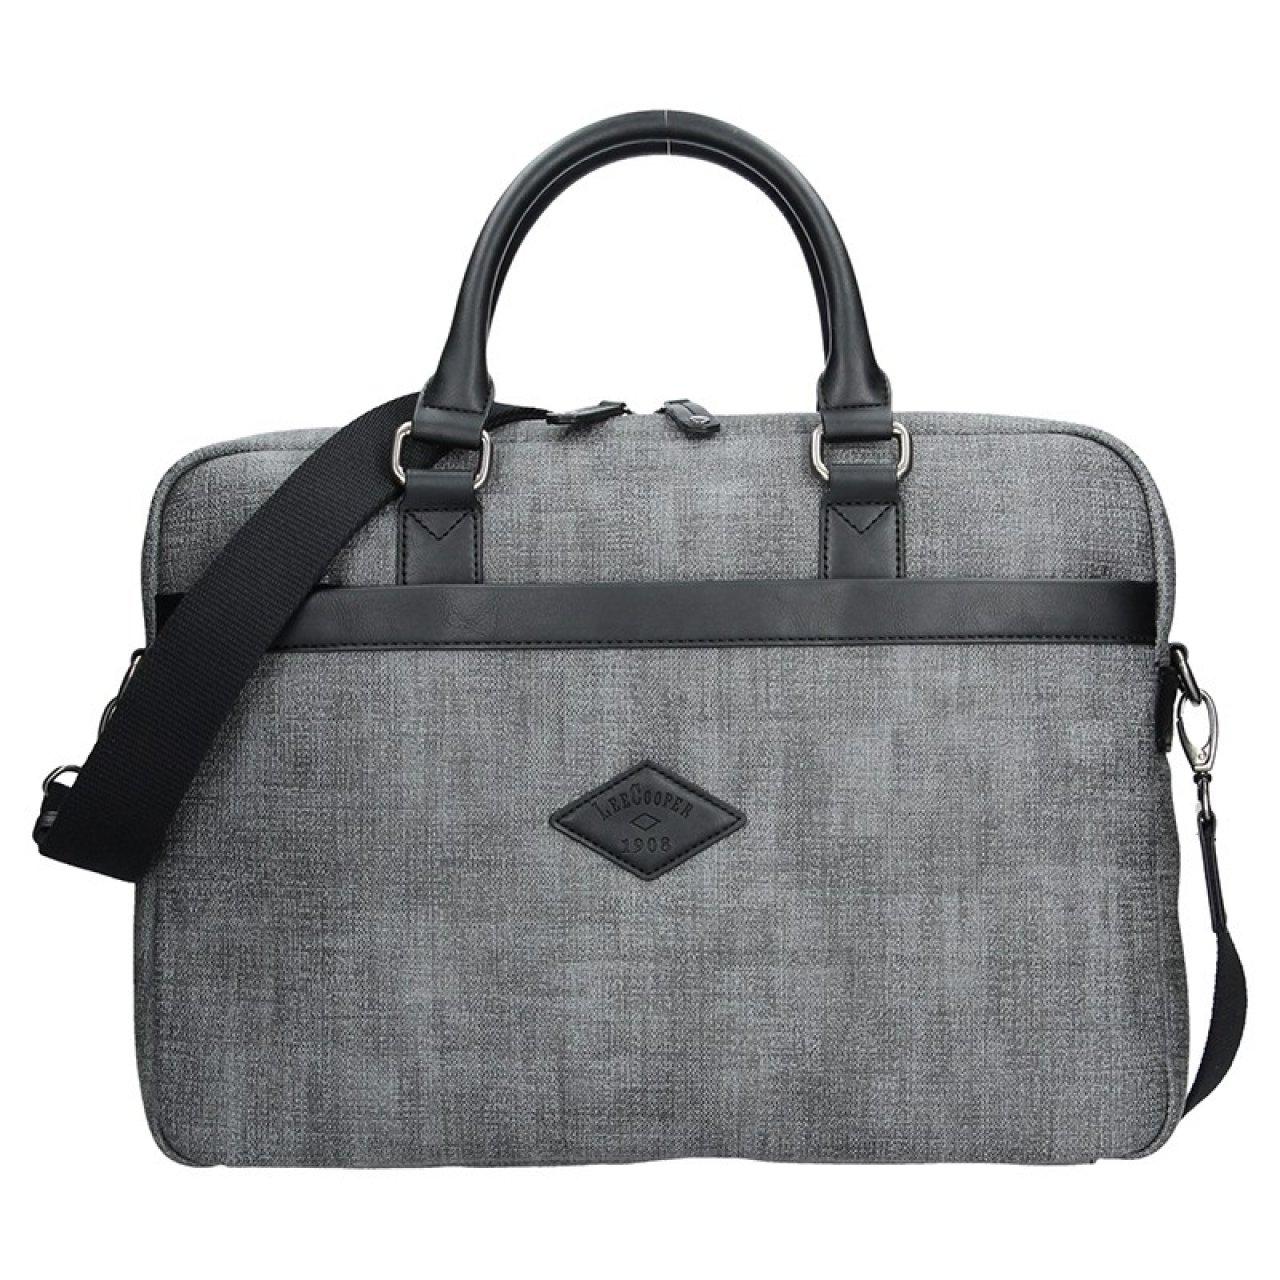 Panská pracovní taška Lee Cooper Albert - šedá  dbfe9c0ba1